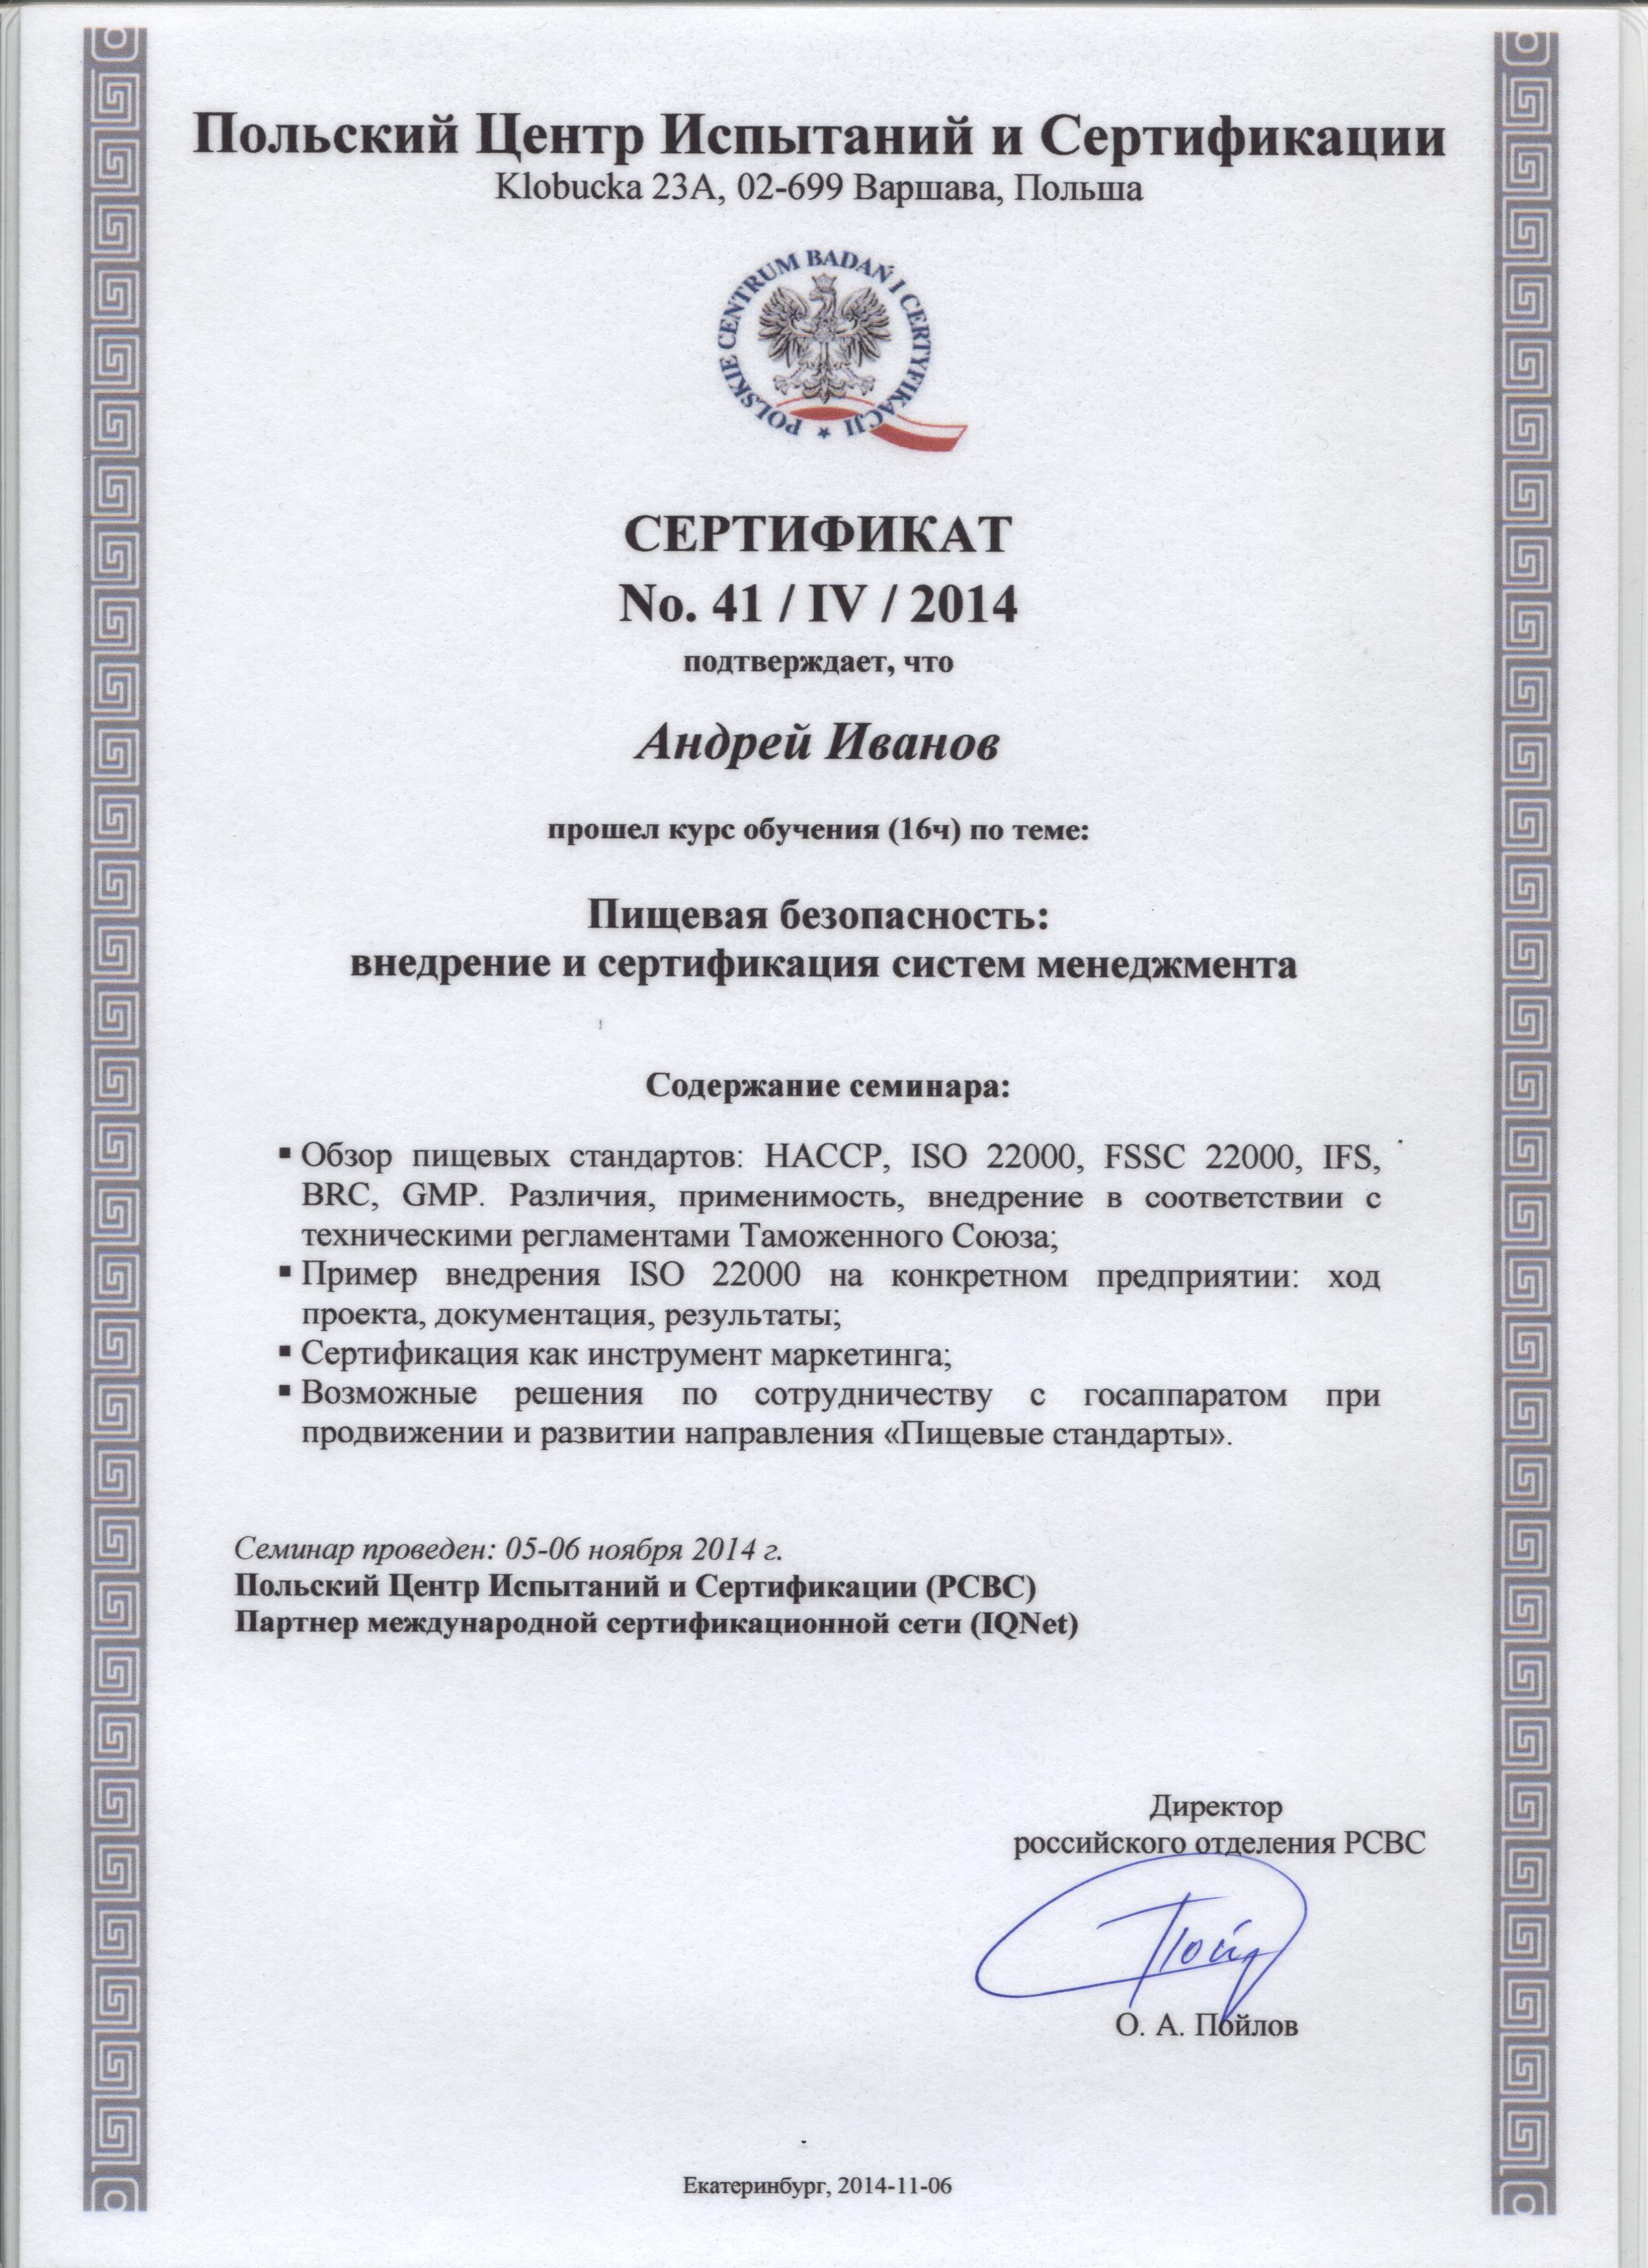 Иванов А.Б. - Курсы по внедрению и сертификации систем пищевой безопасности